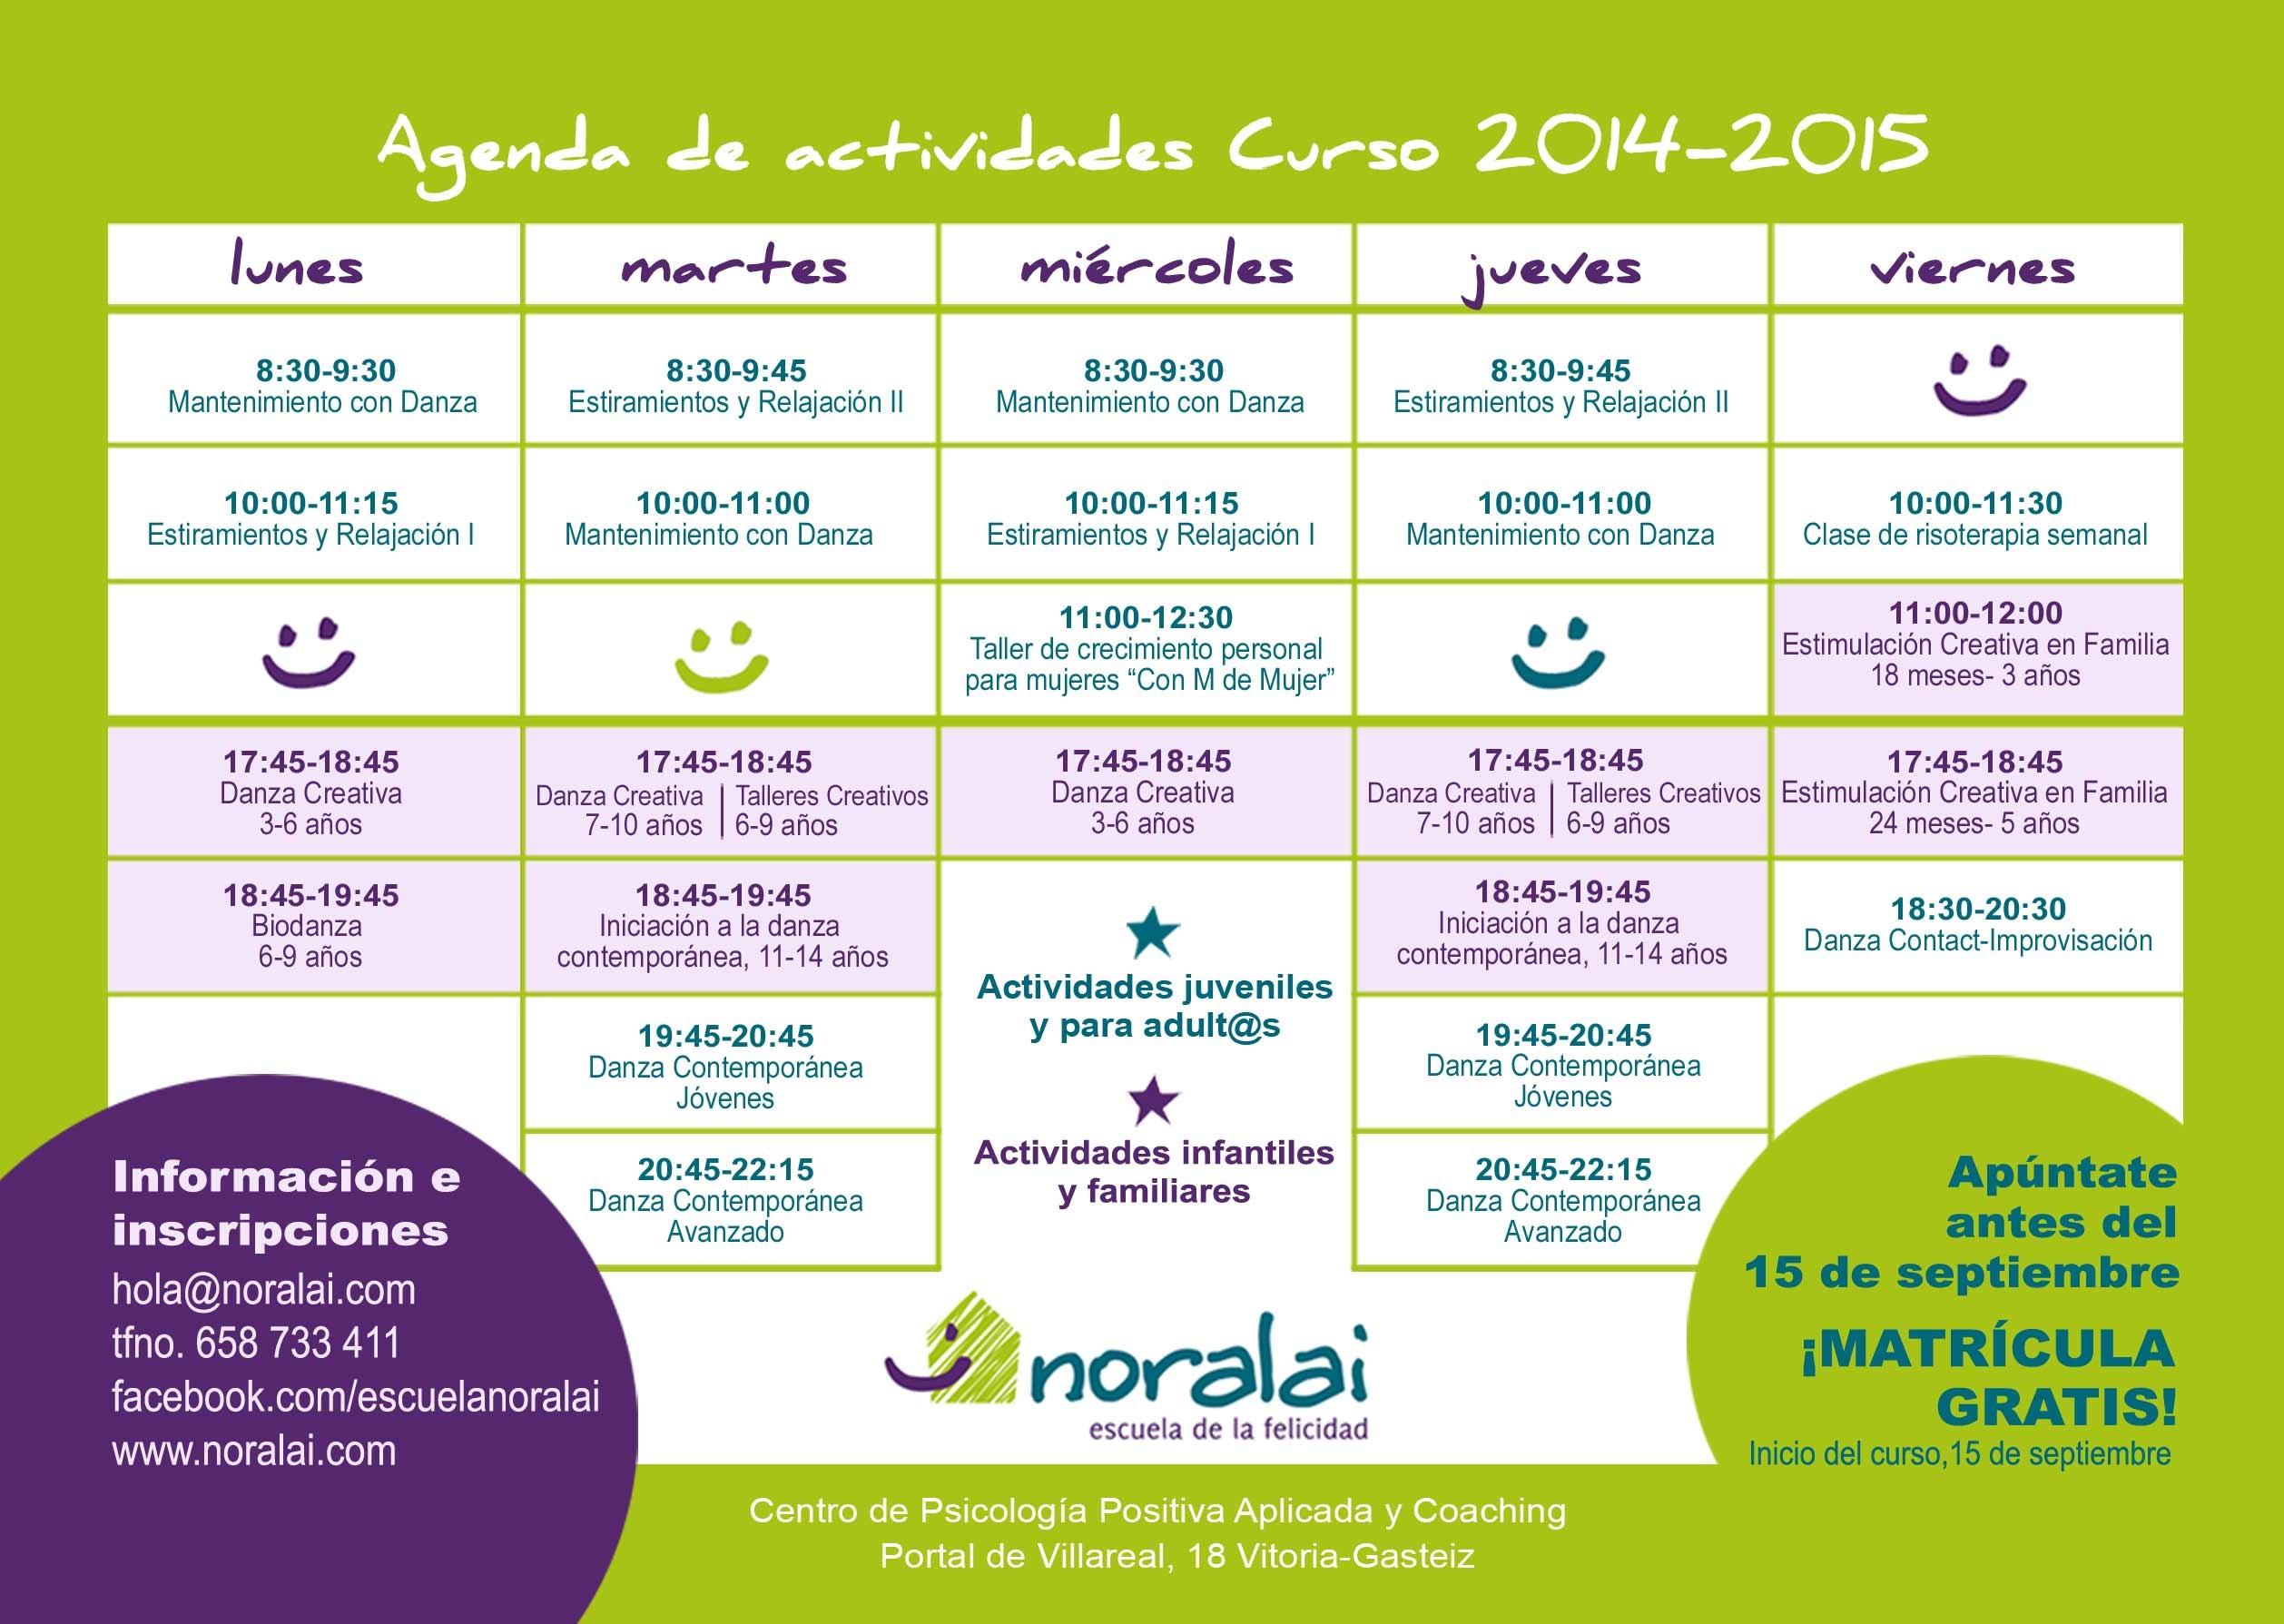 ACTIVIDADES 2014-2015